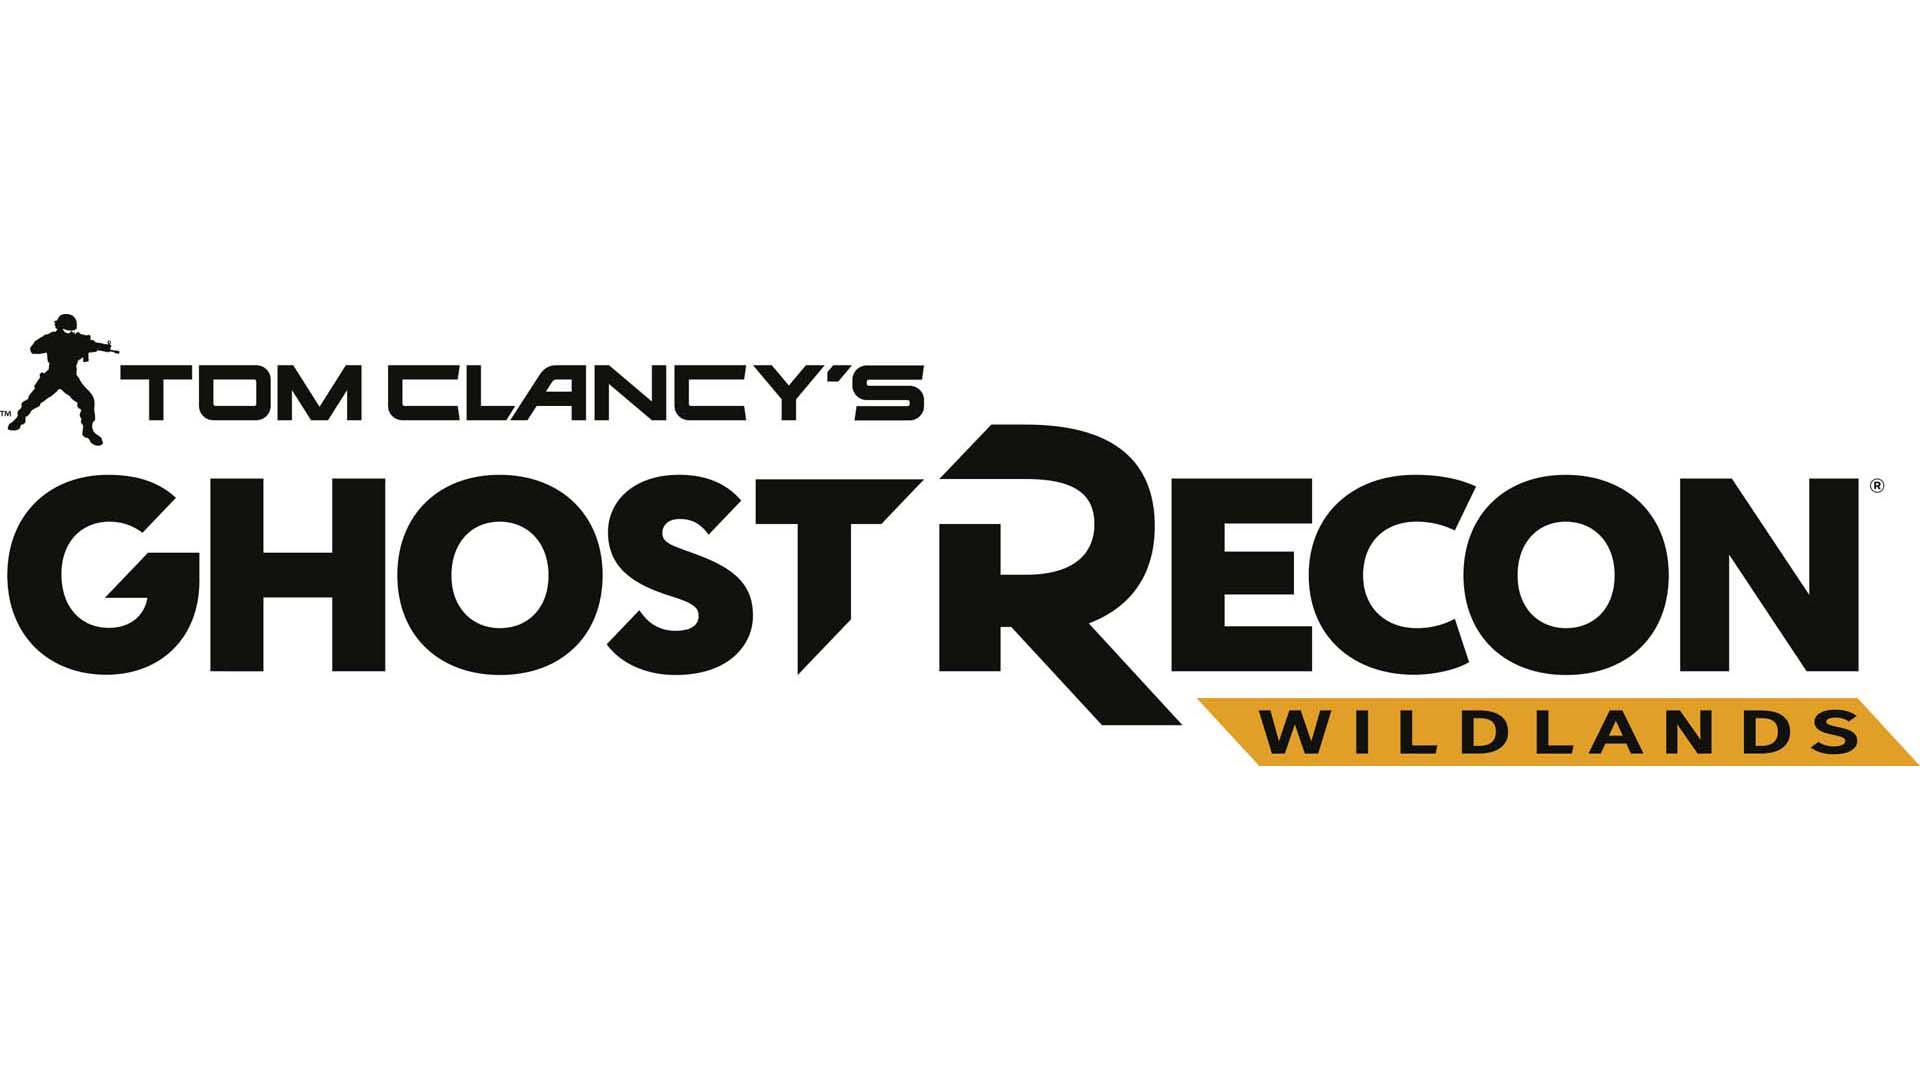 Tom Clancy's Ghost Recon Wildlands: Neues Update bringt viele Verbesserungen auf der Xbox One X